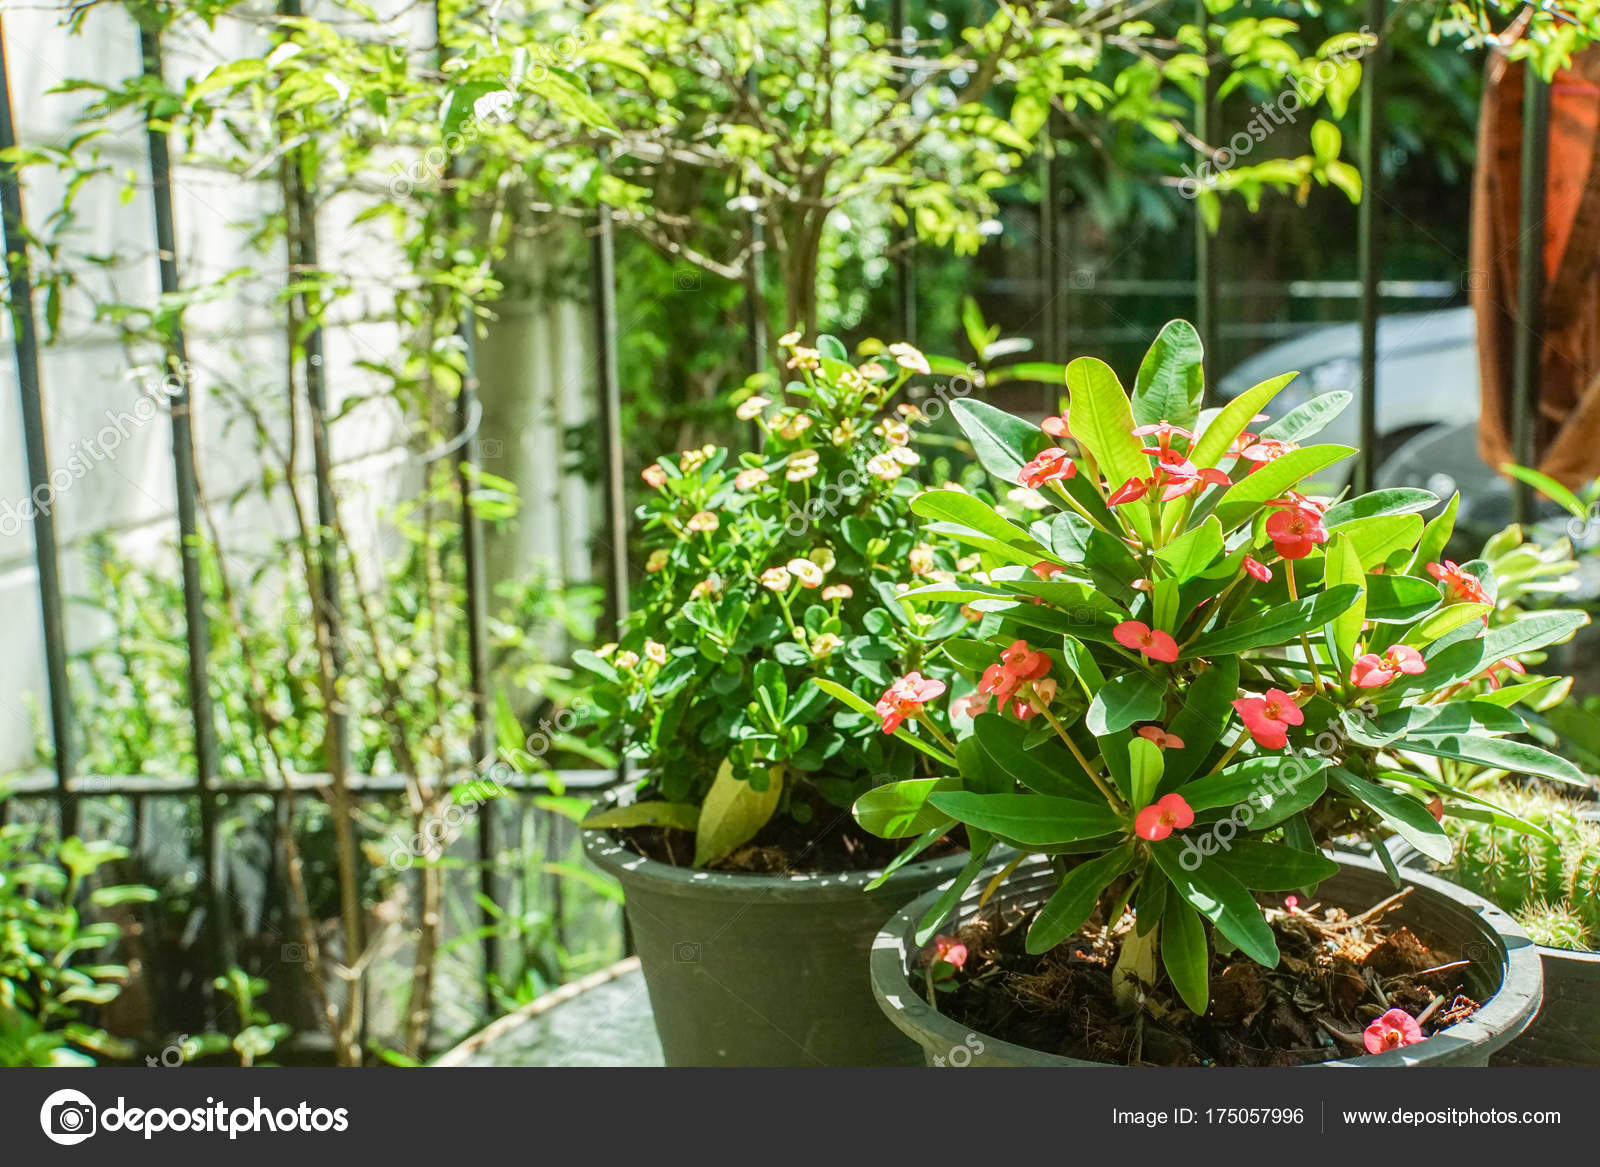 Decorazione Vasi Da Giardino : Euphorbia milii piccolo rosso vaso casa giardino decorazione u2014 foto